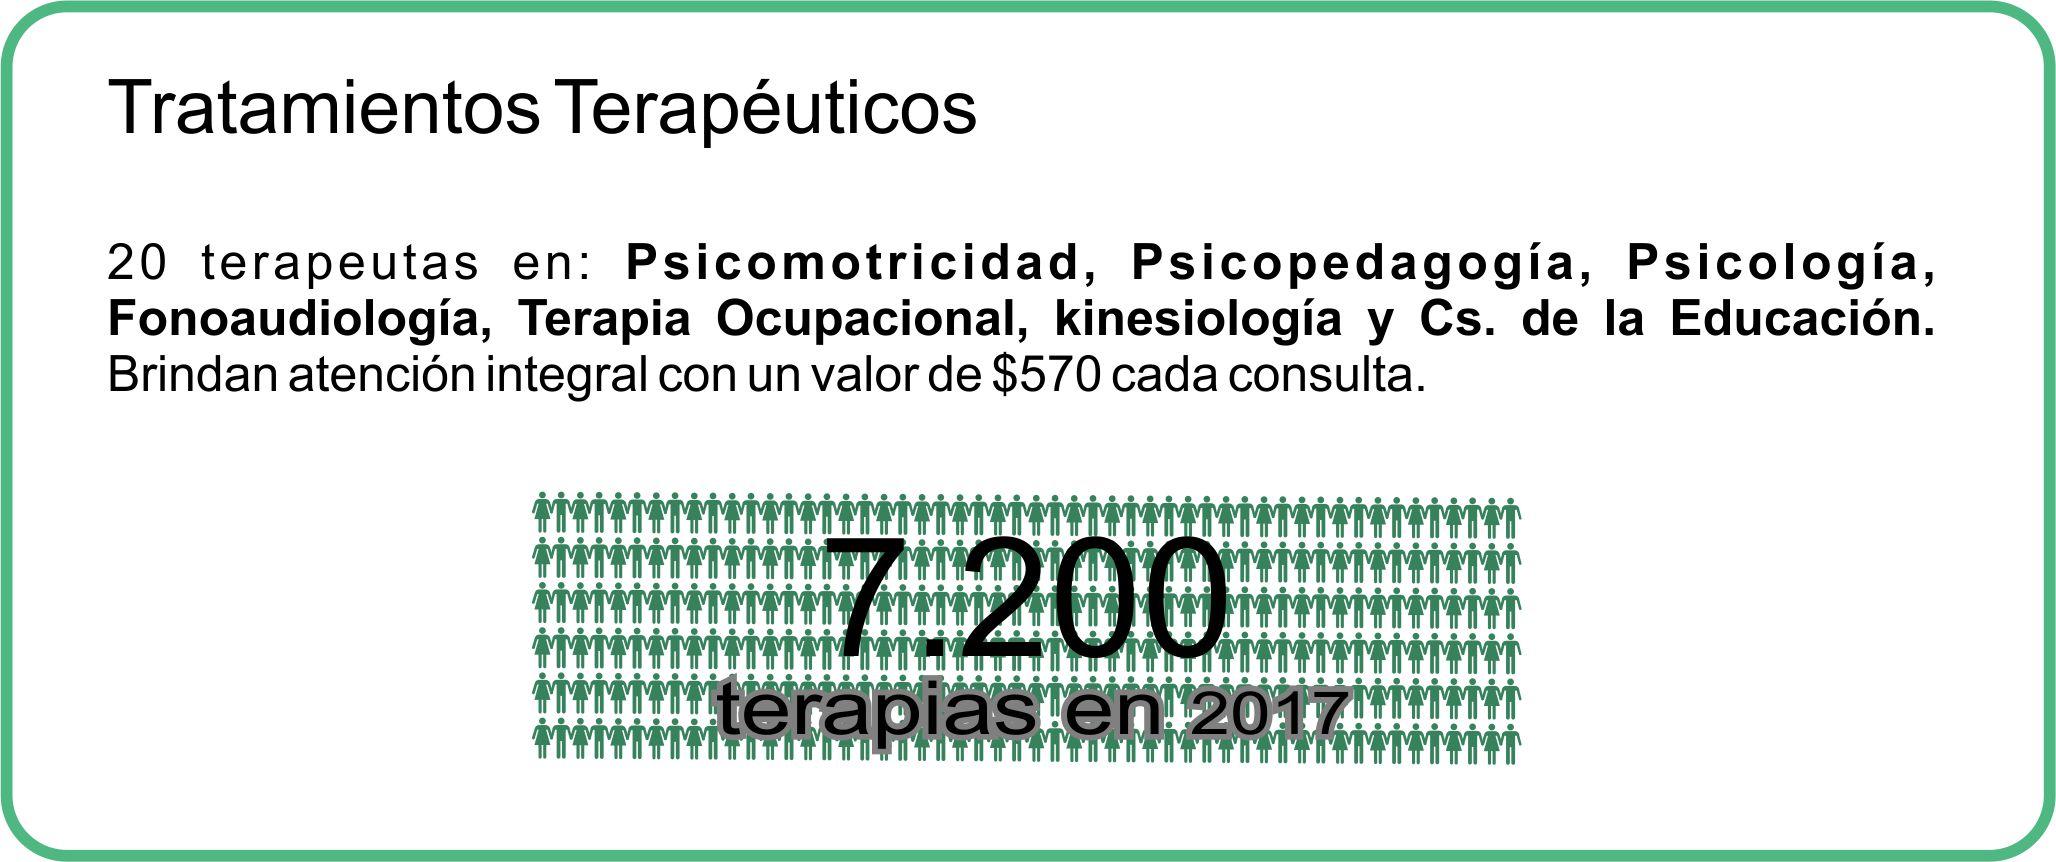 tratamientos 2017